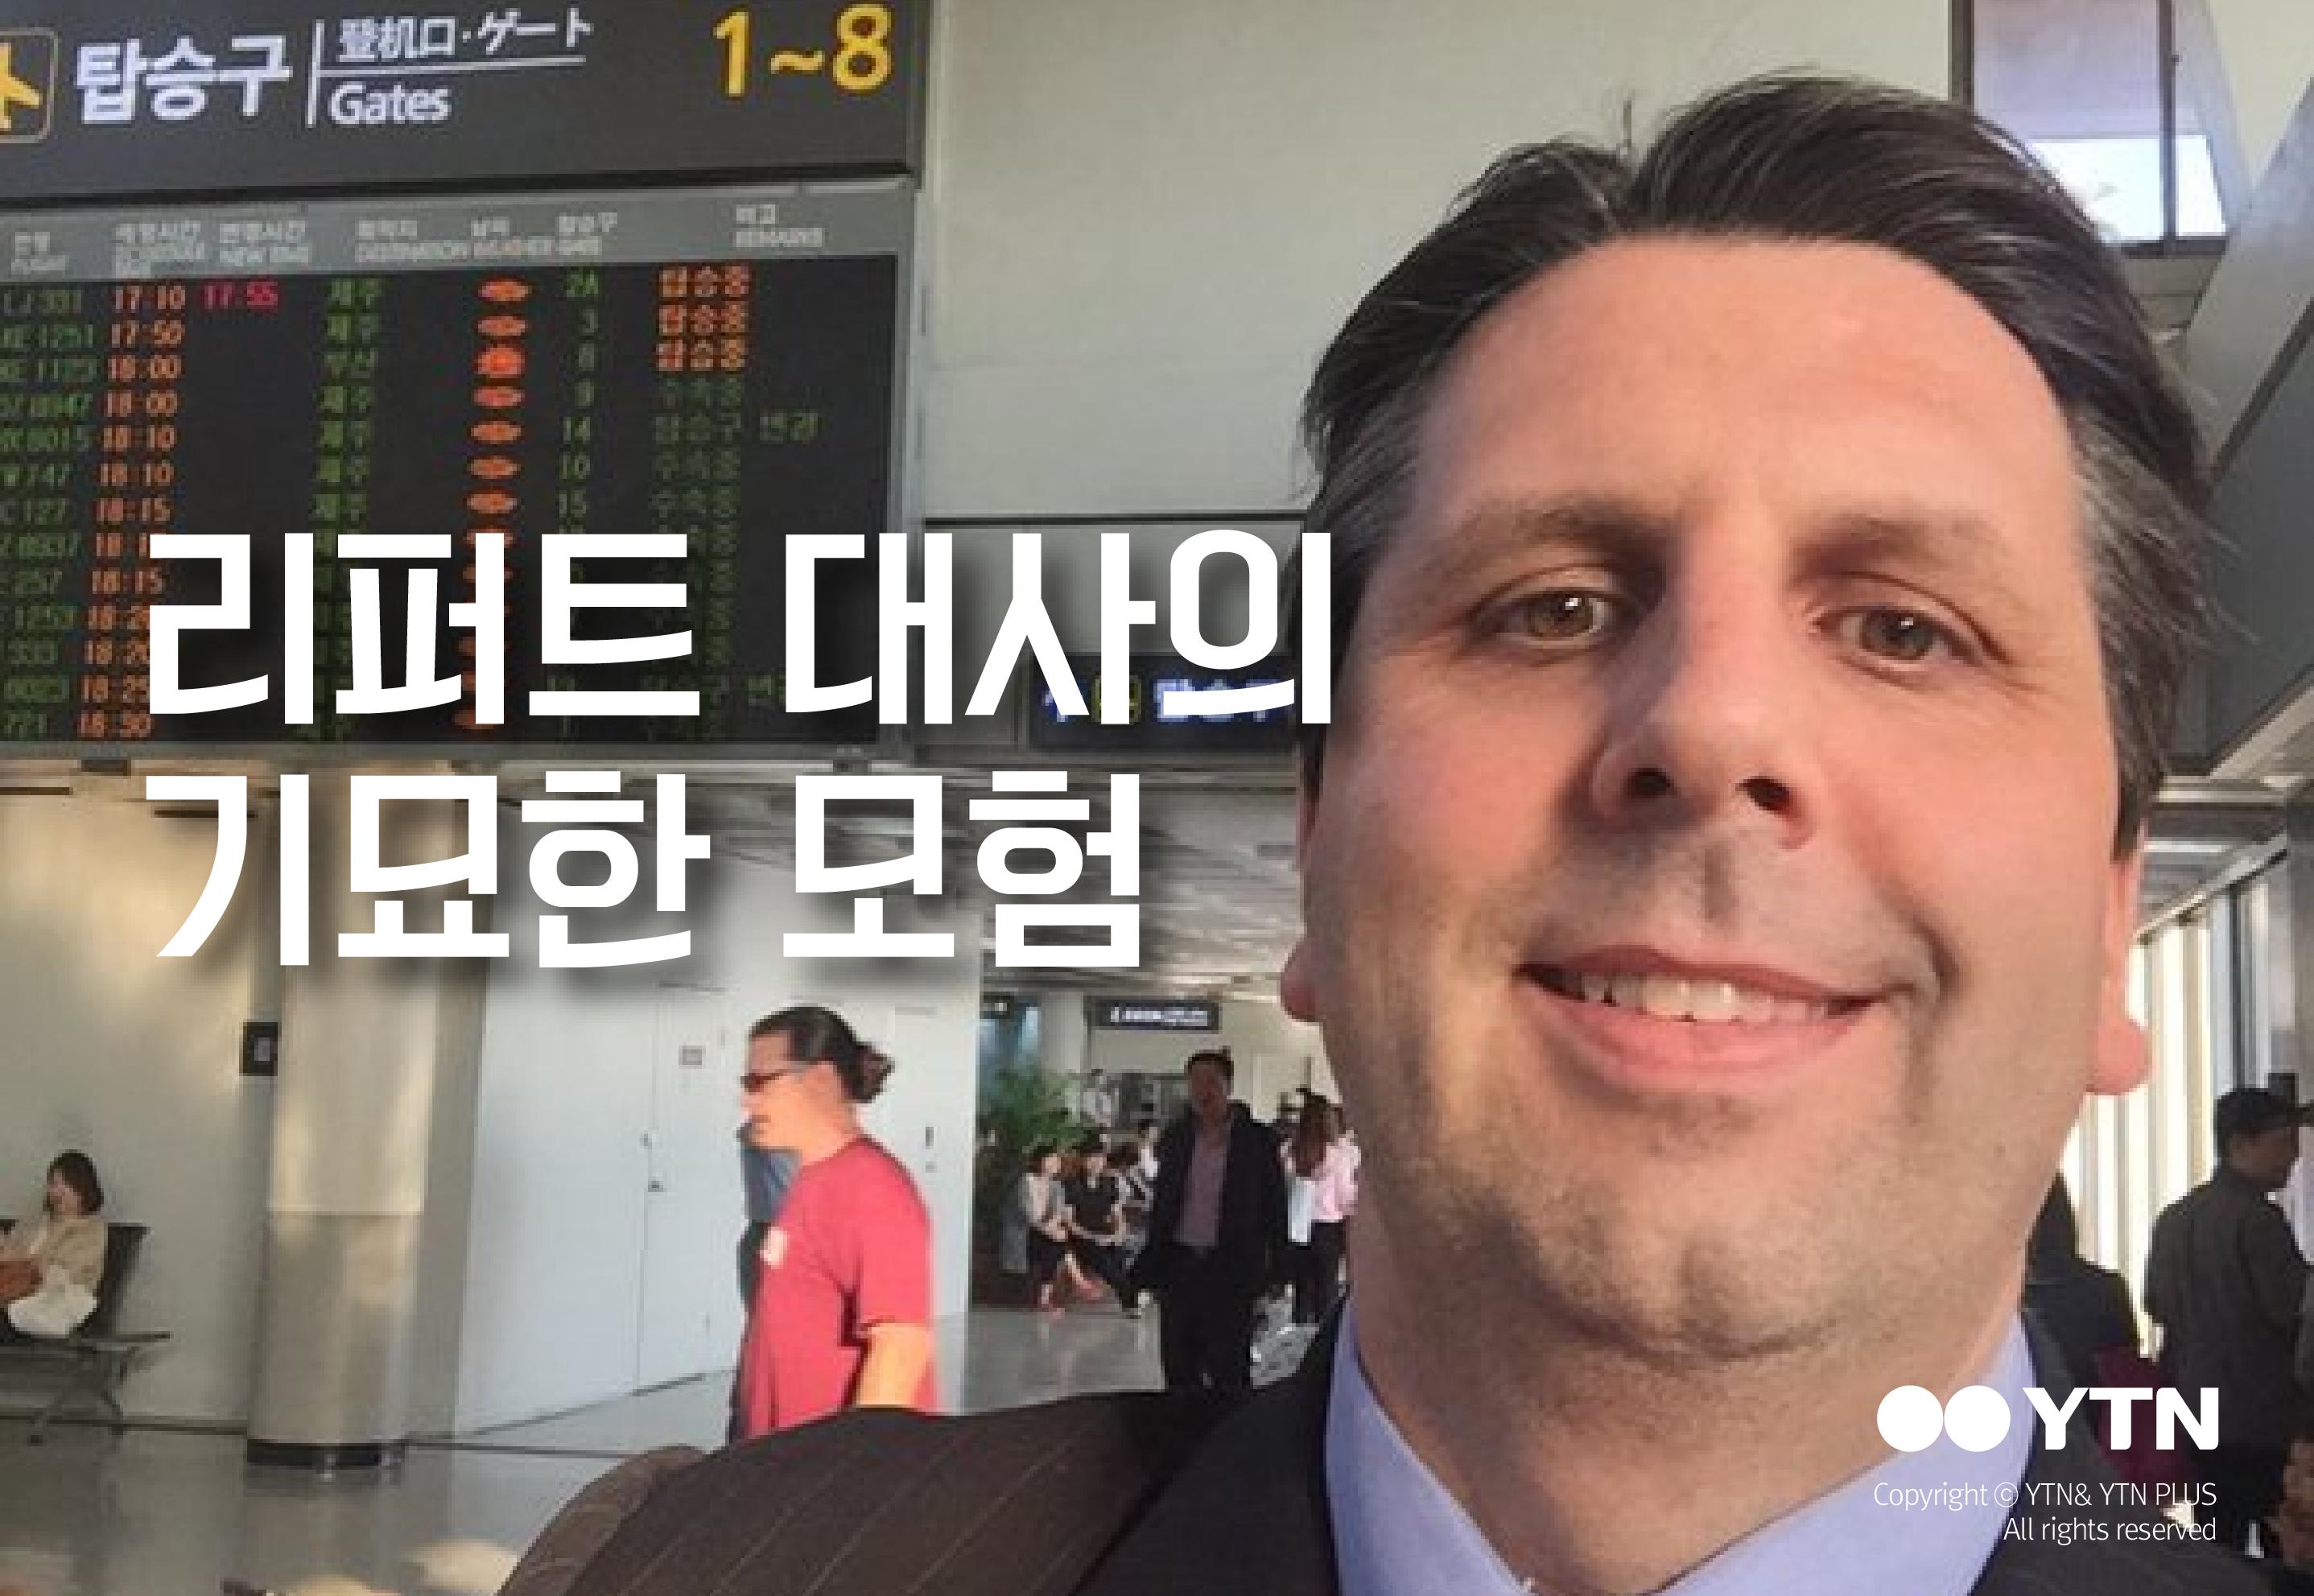 """[한컷뉴스] """"잘가요 리퍼트"""" … 리퍼트 대사의 점수는?"""